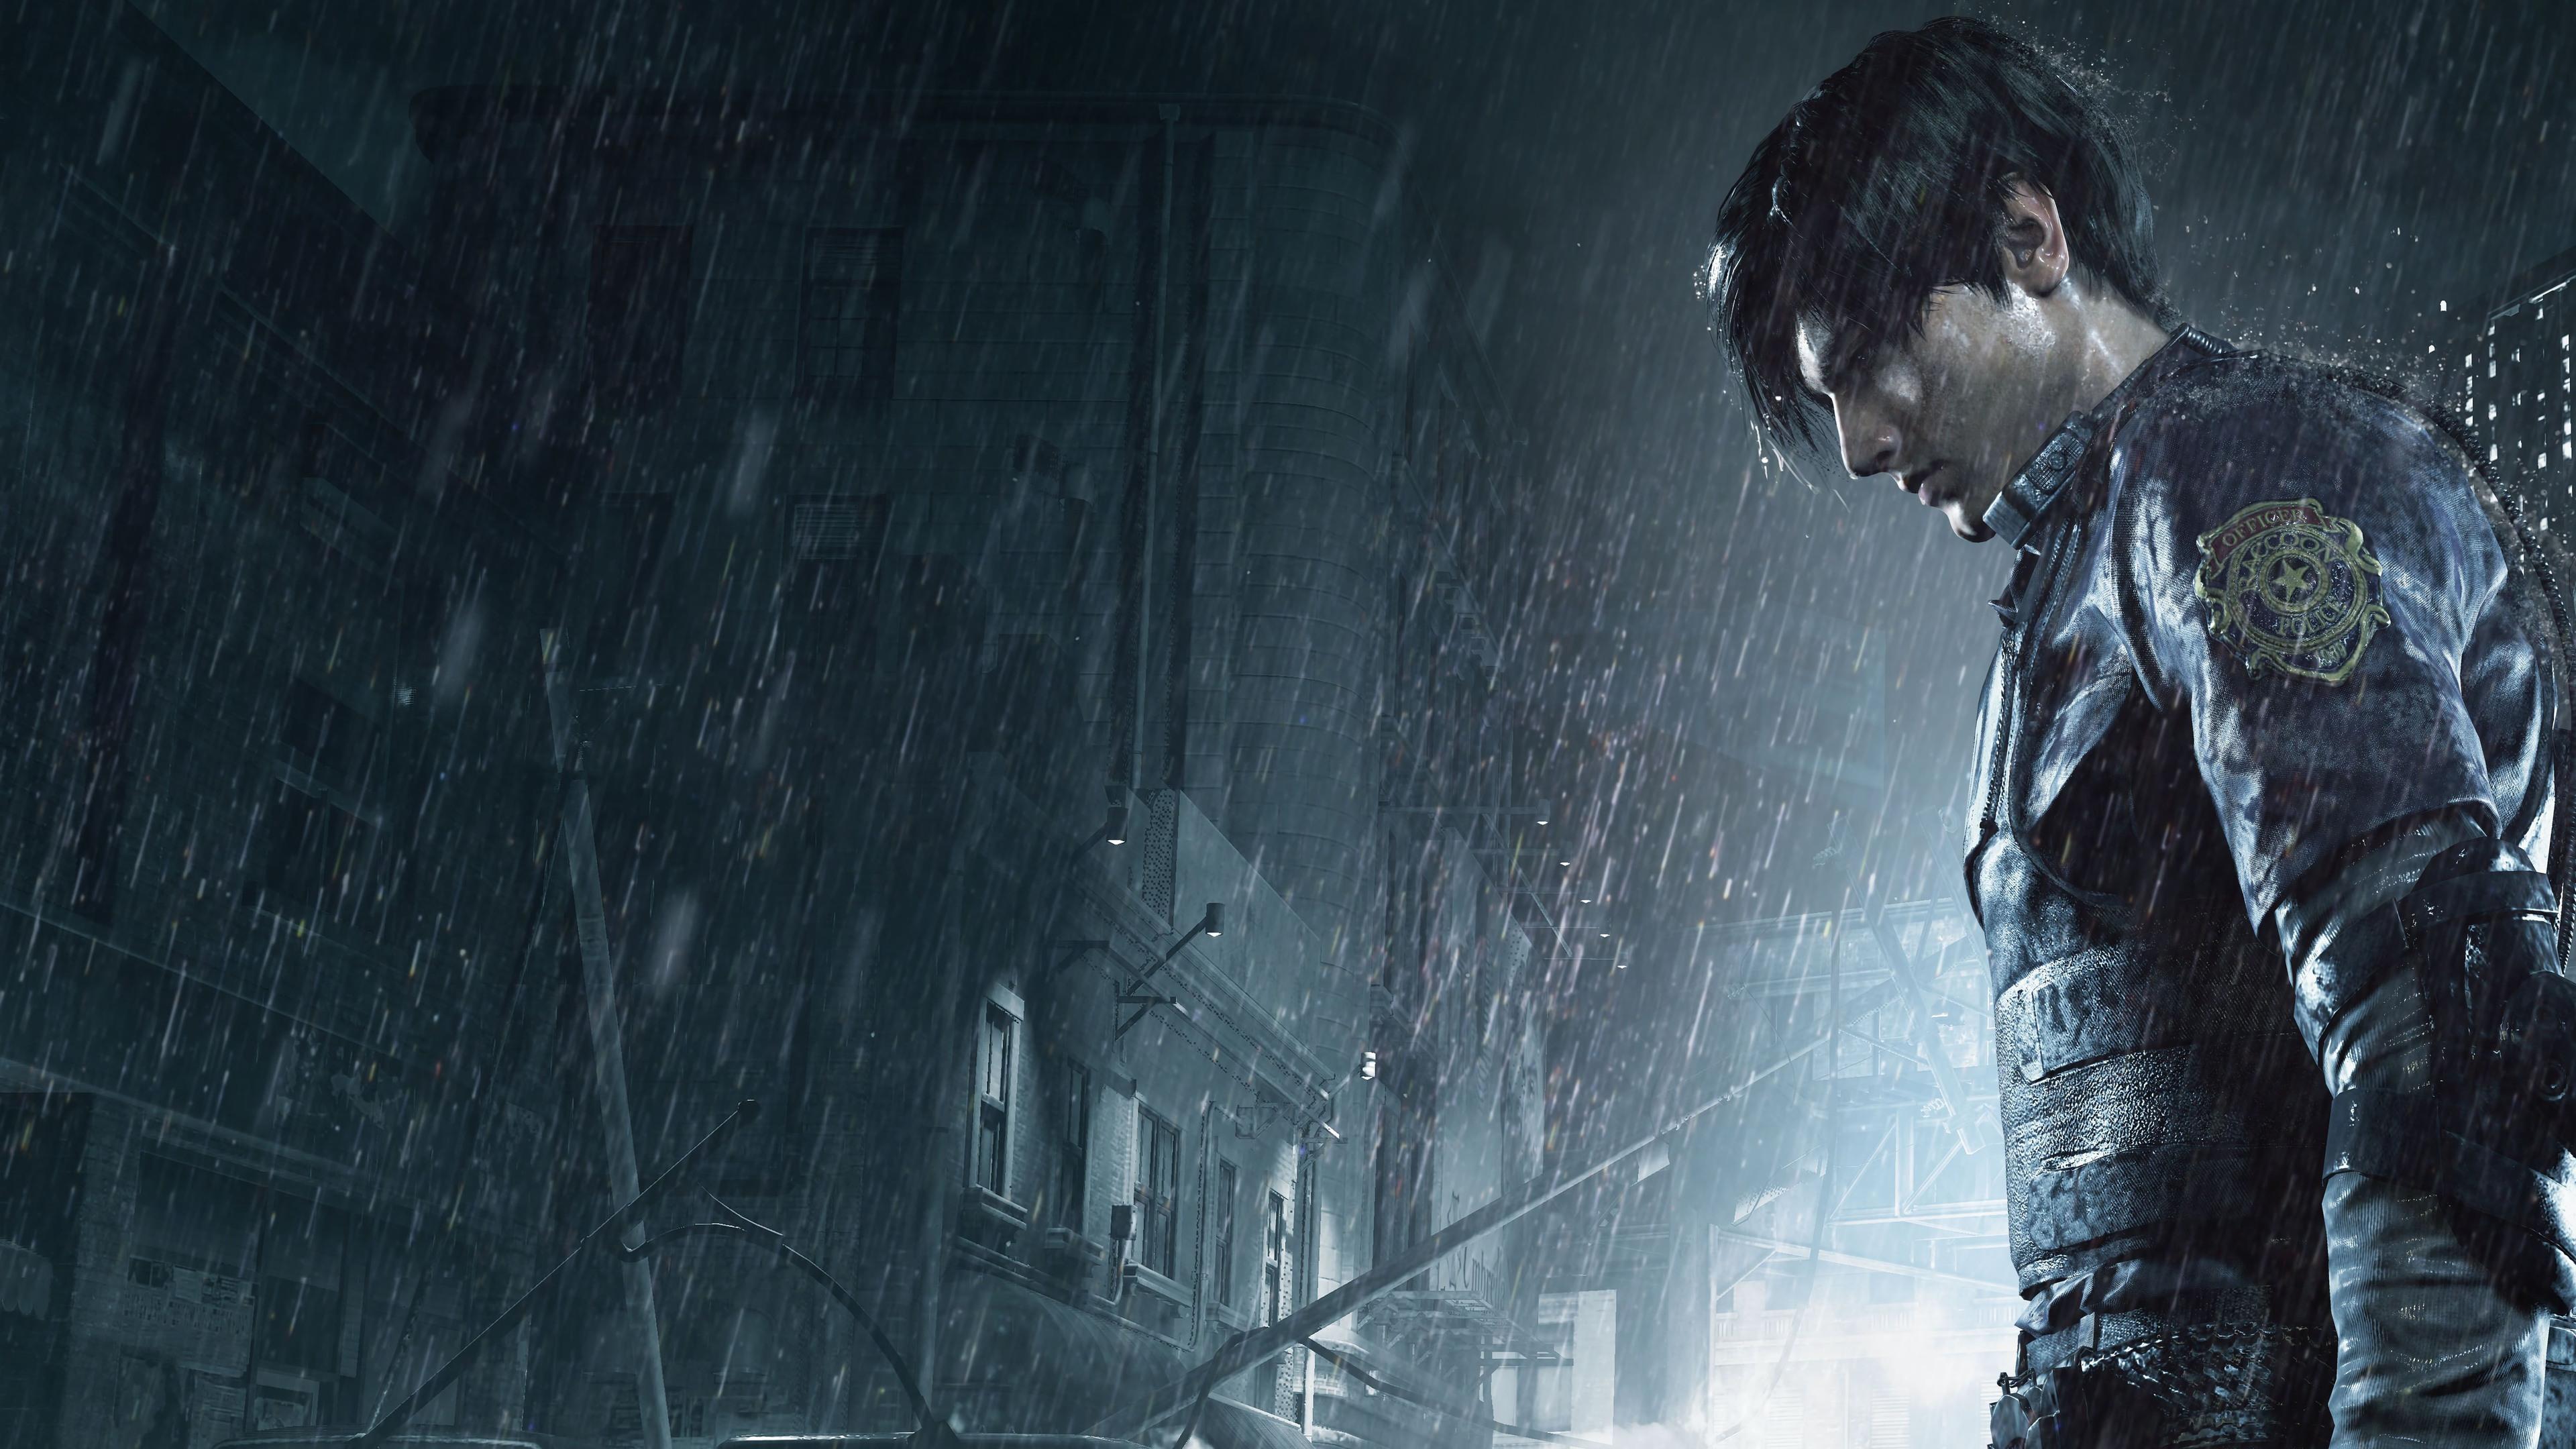 Resident Evil 2 Wallpaper: Resident Evil 2: Leon